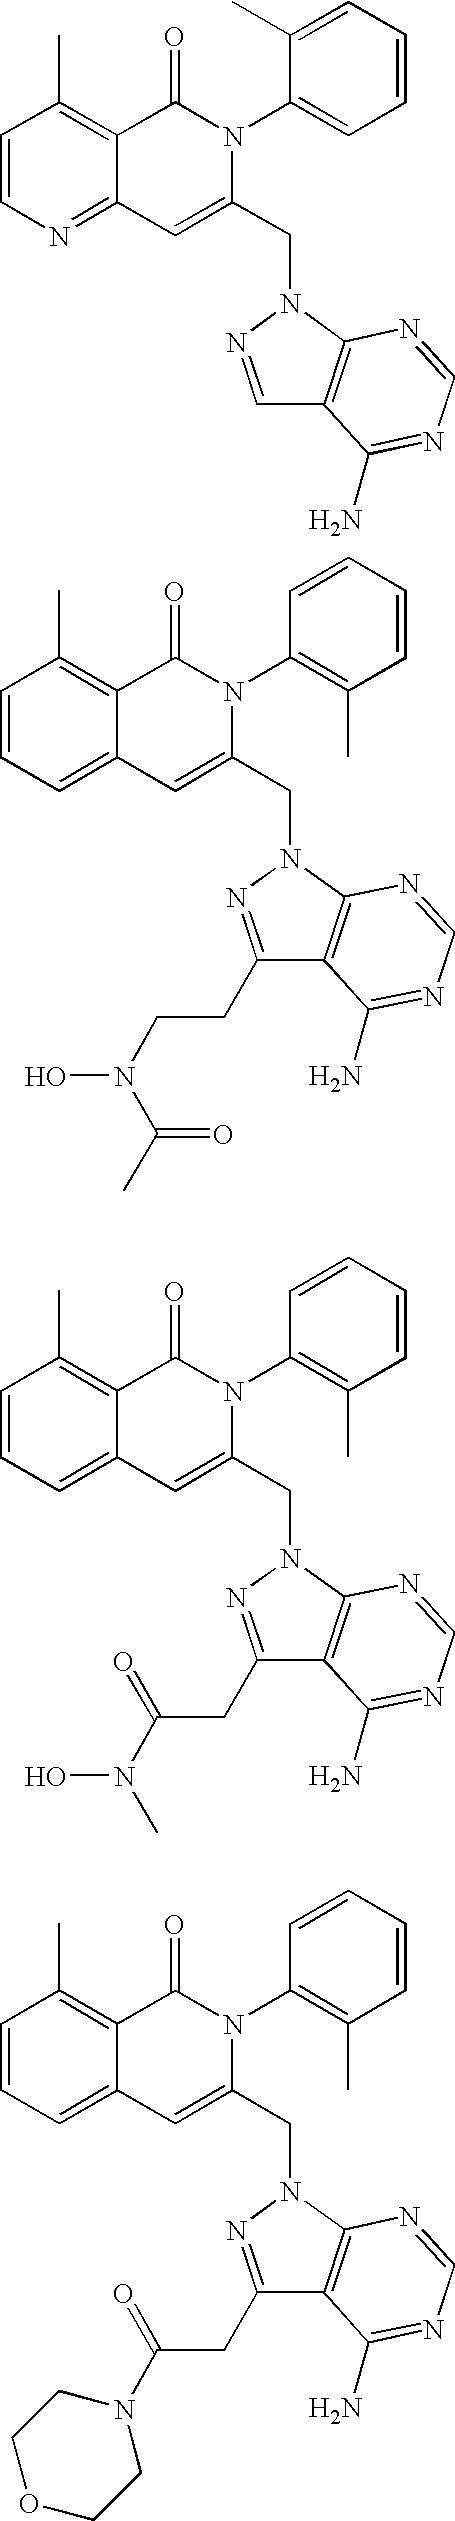 Figure US08193182-20120605-C00273